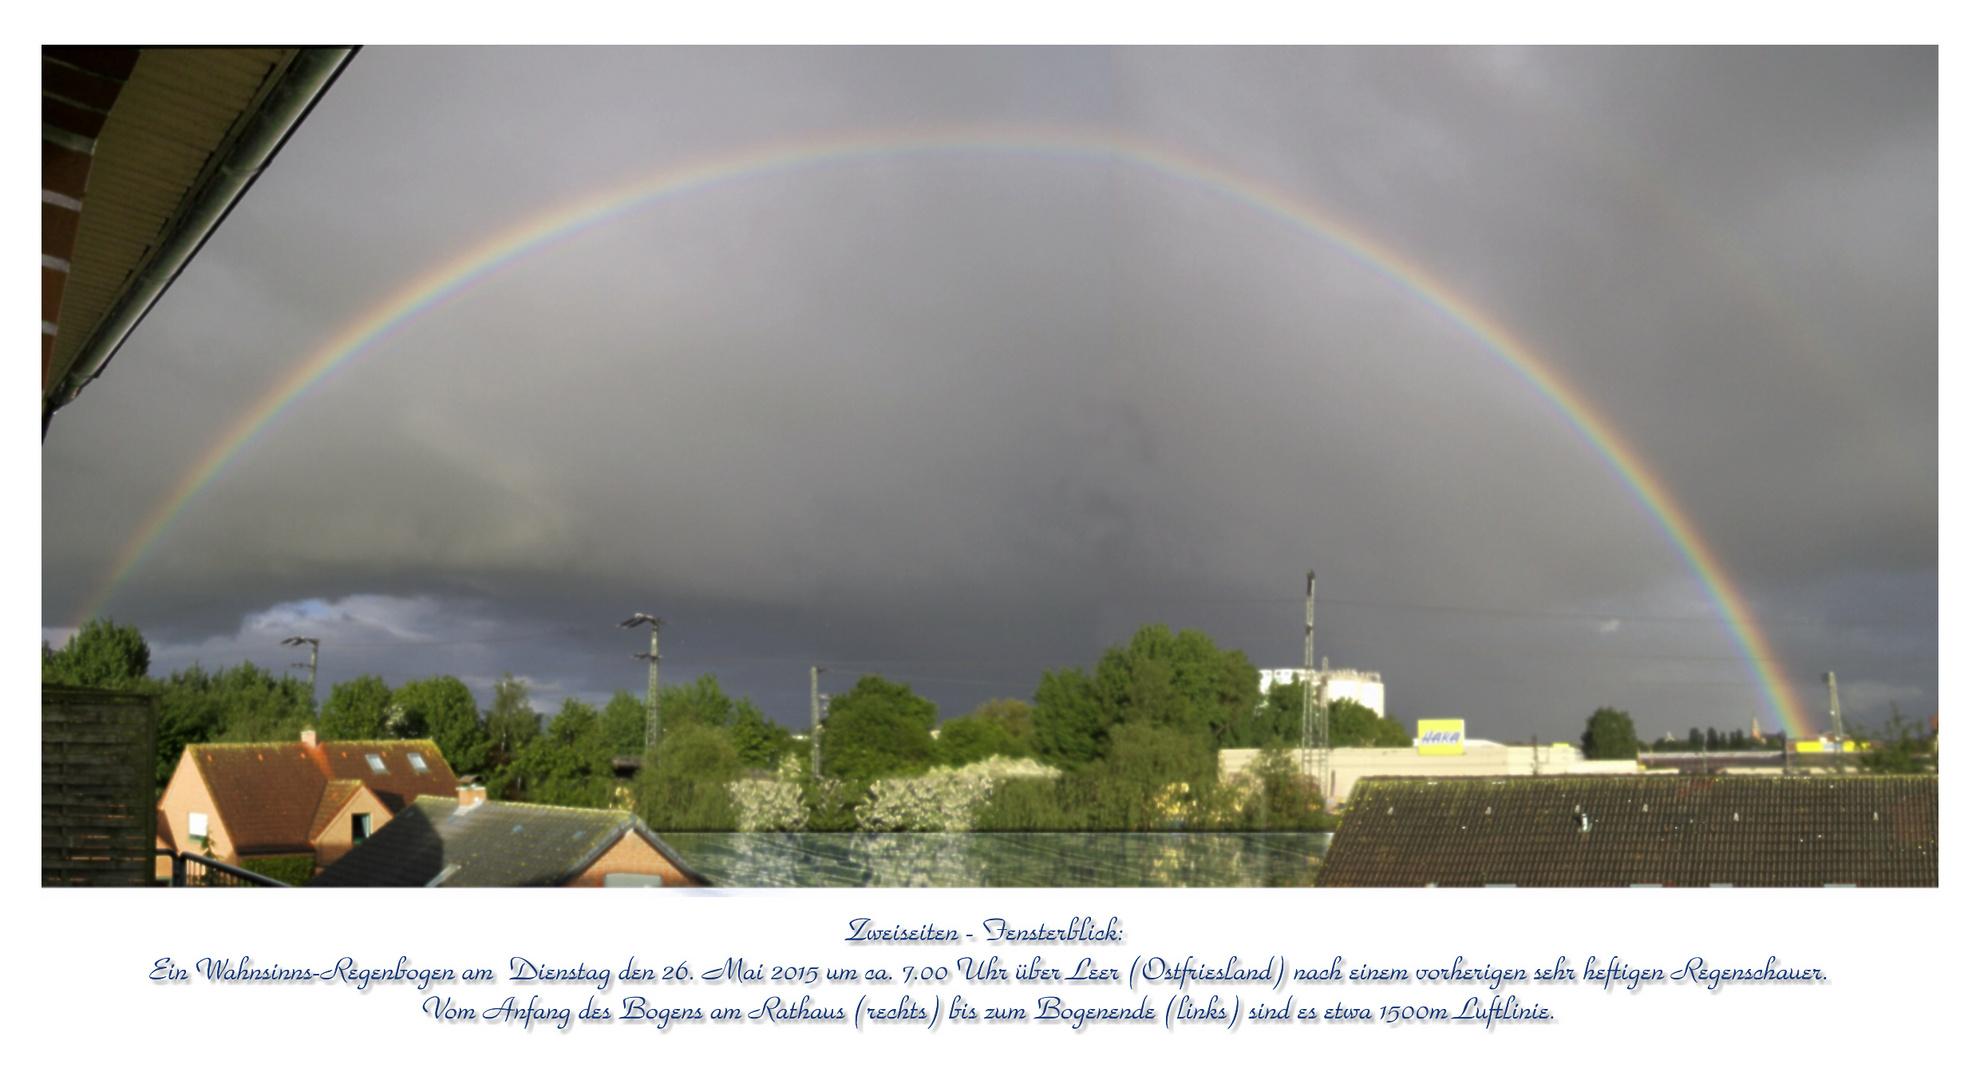 Regenbogen 1v5 Am 26mai 2015 Morgens 7 Uhr über Leer Foto